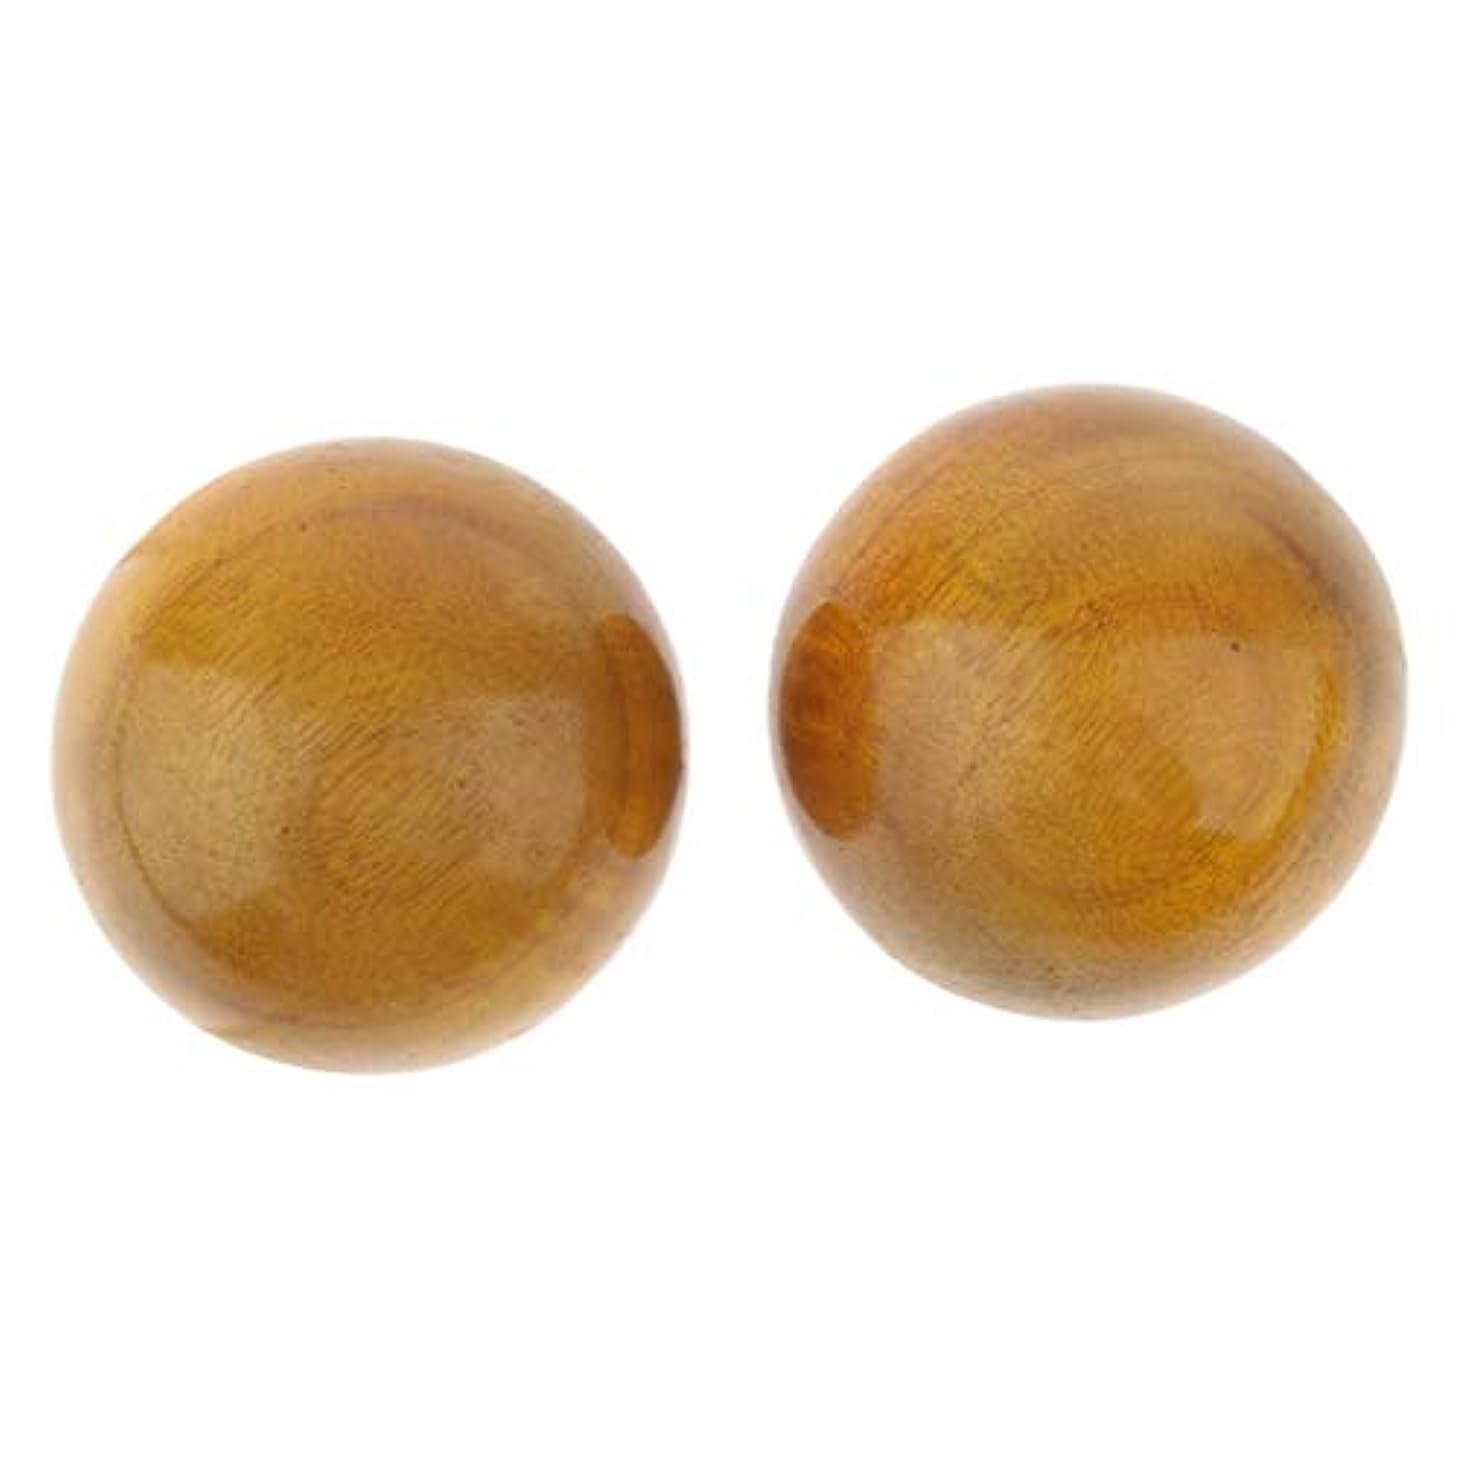 驚かす石灰岩知らせる2個 マッサージボール 手のひら 木製 直径6cm プレゼント